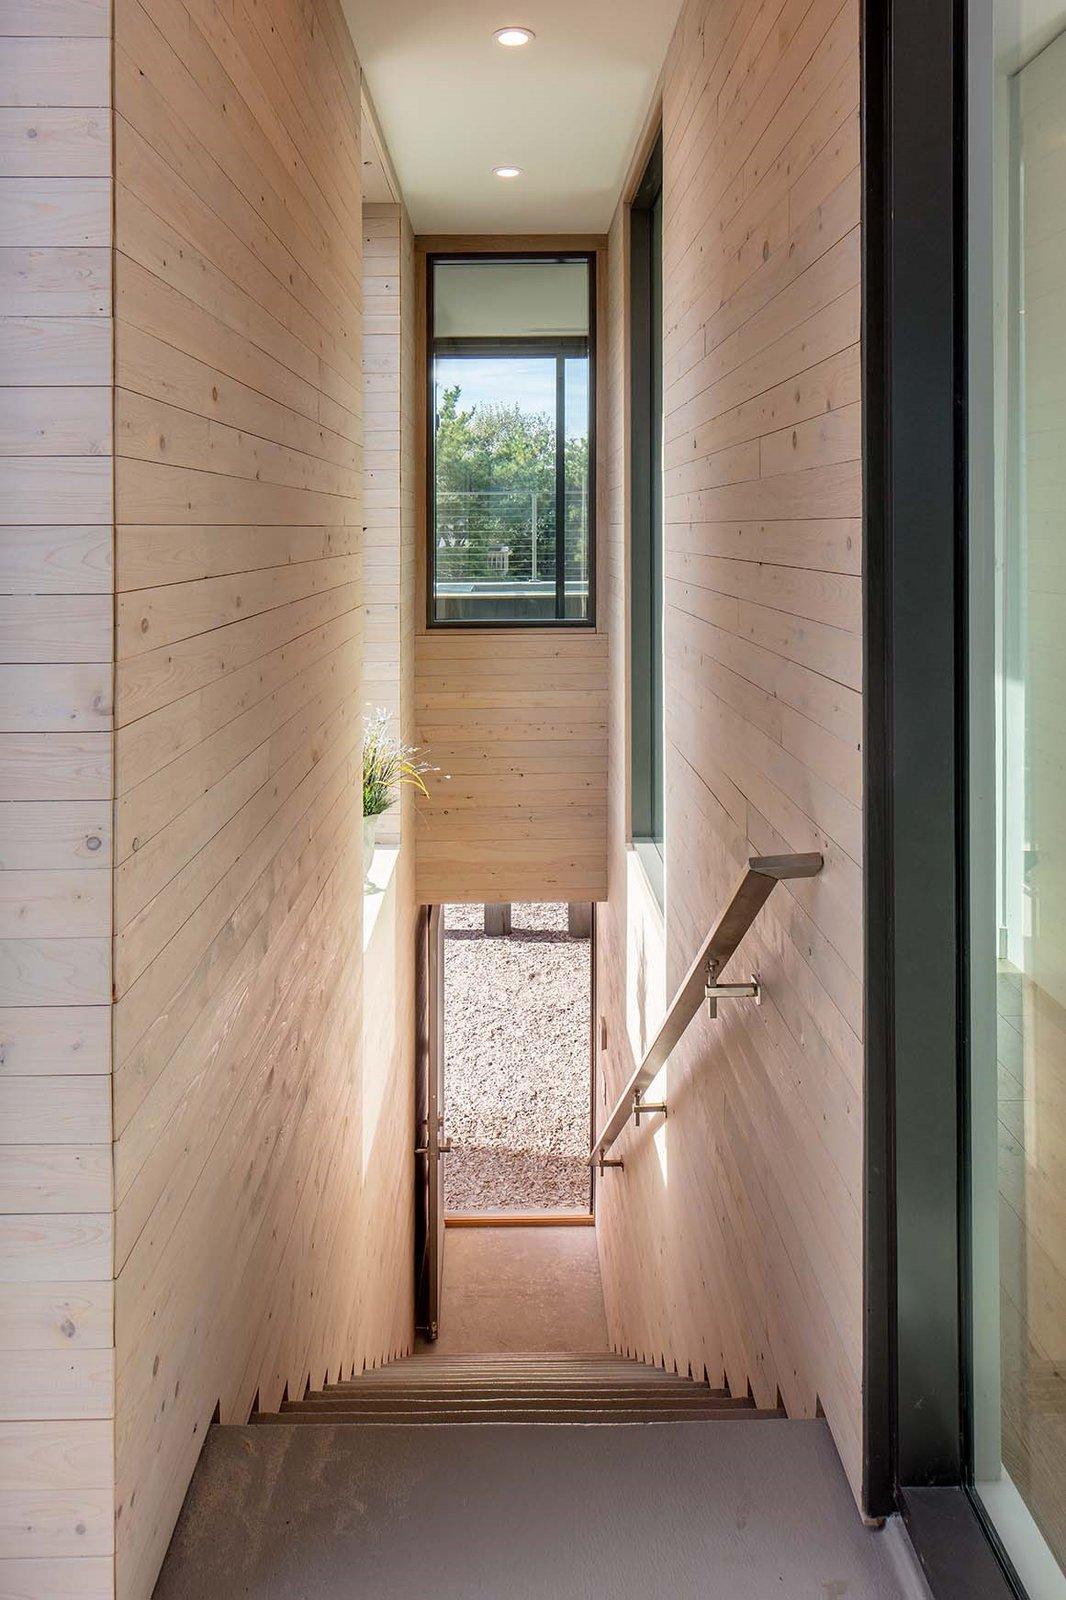 Beach Haven Residence, Entrance/Exterior Stairwell.   Beach Haven Residence by Specht Architects